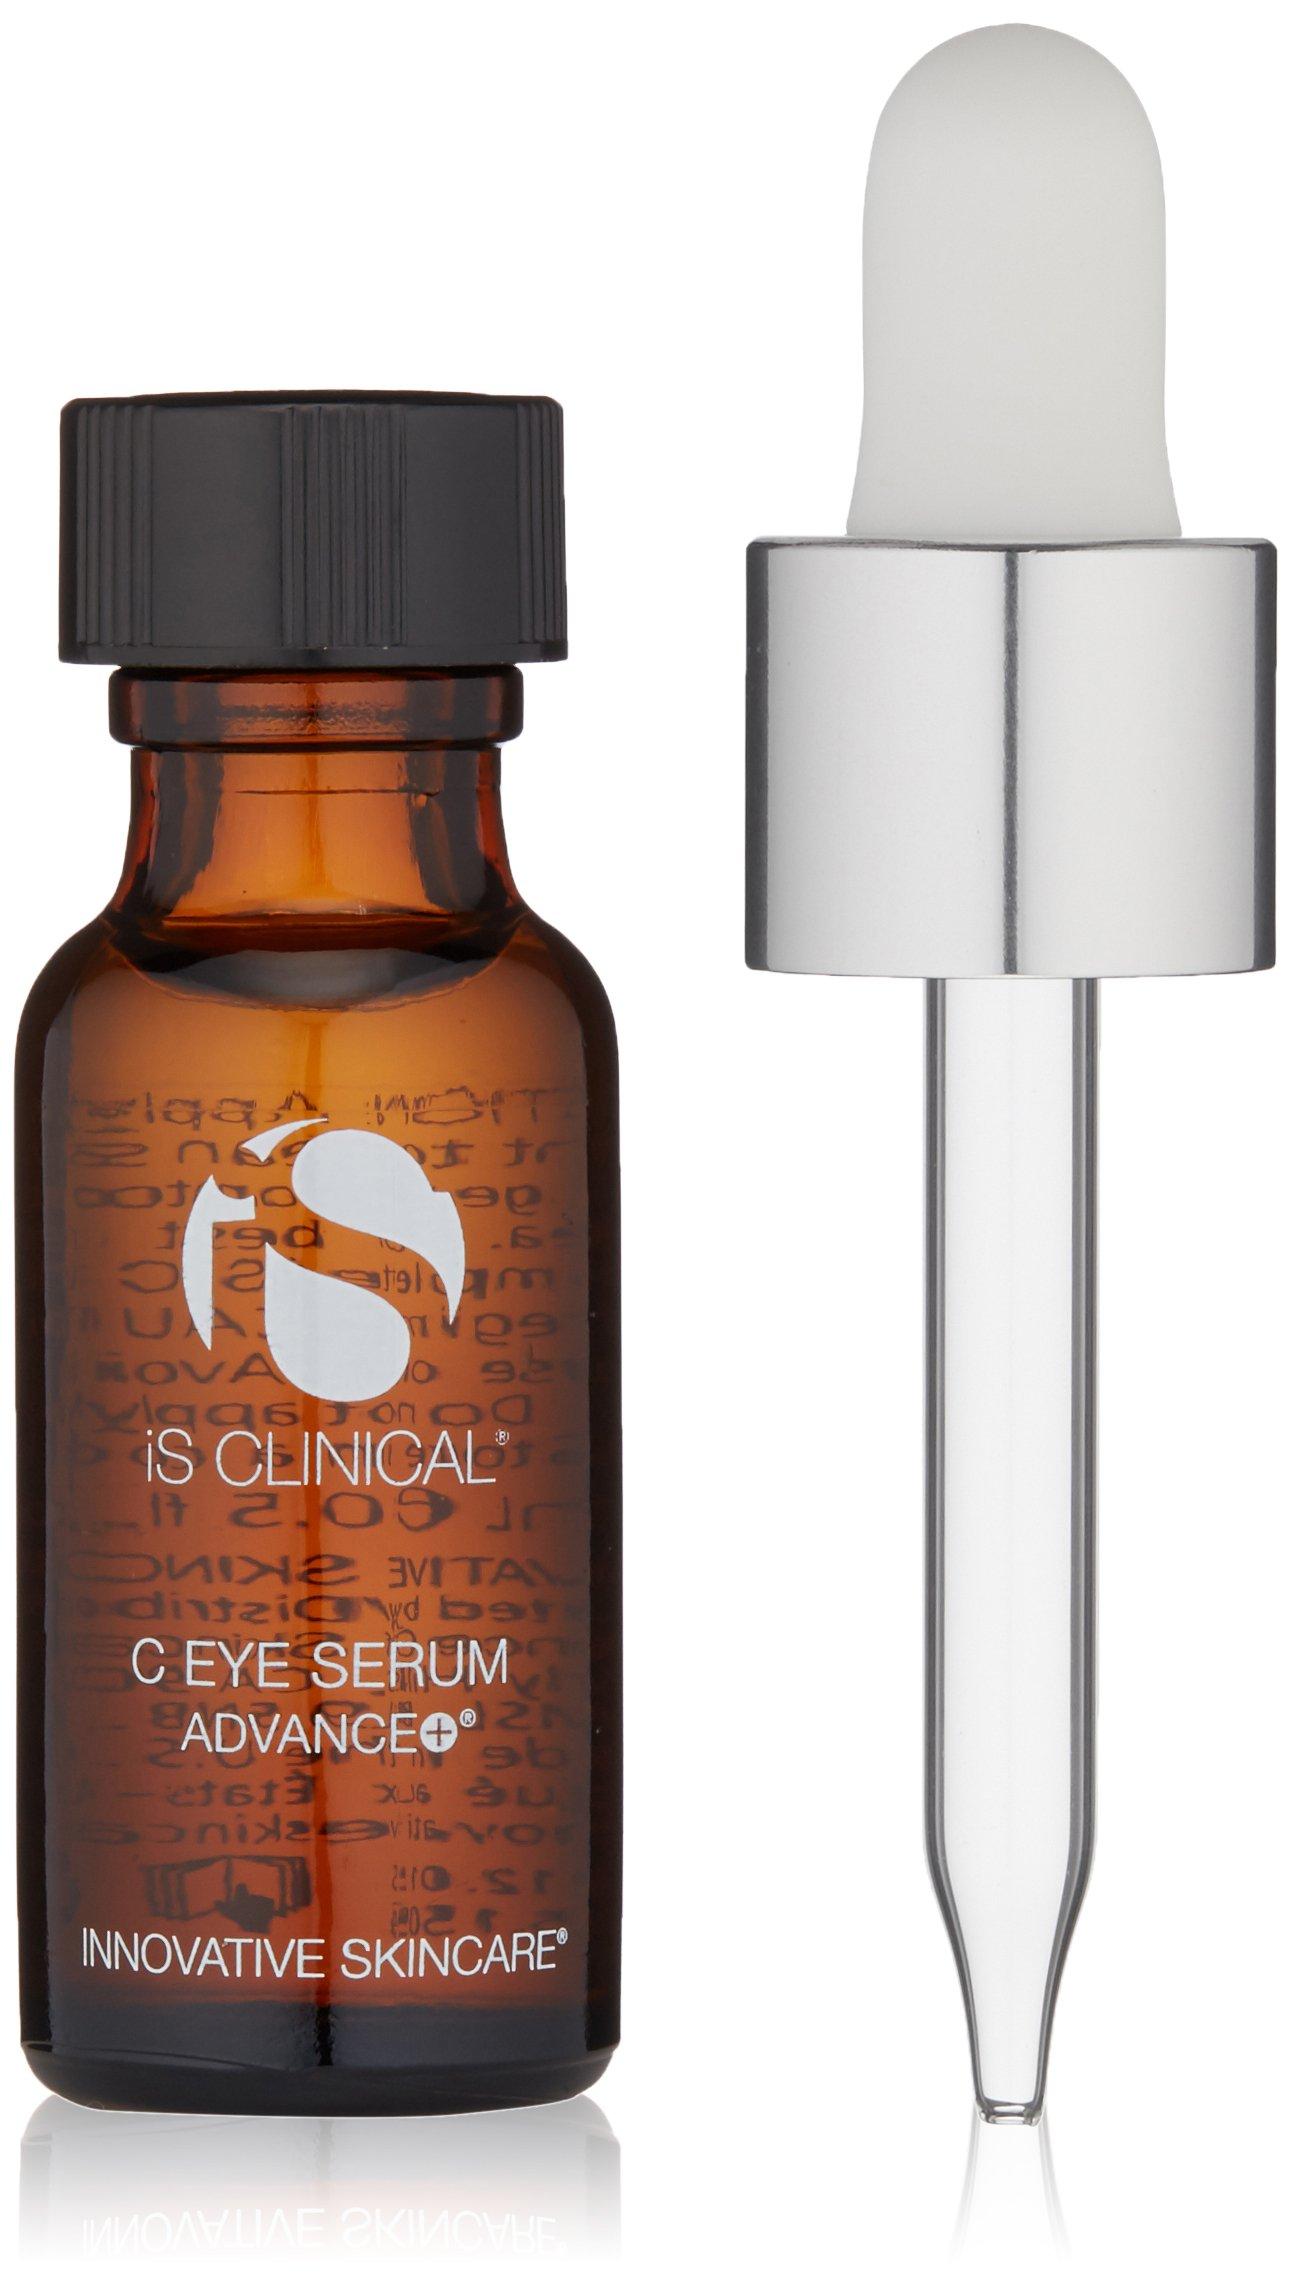 iS CLINICAL C Eye Serum Advance+, 0.5 fl. oz.